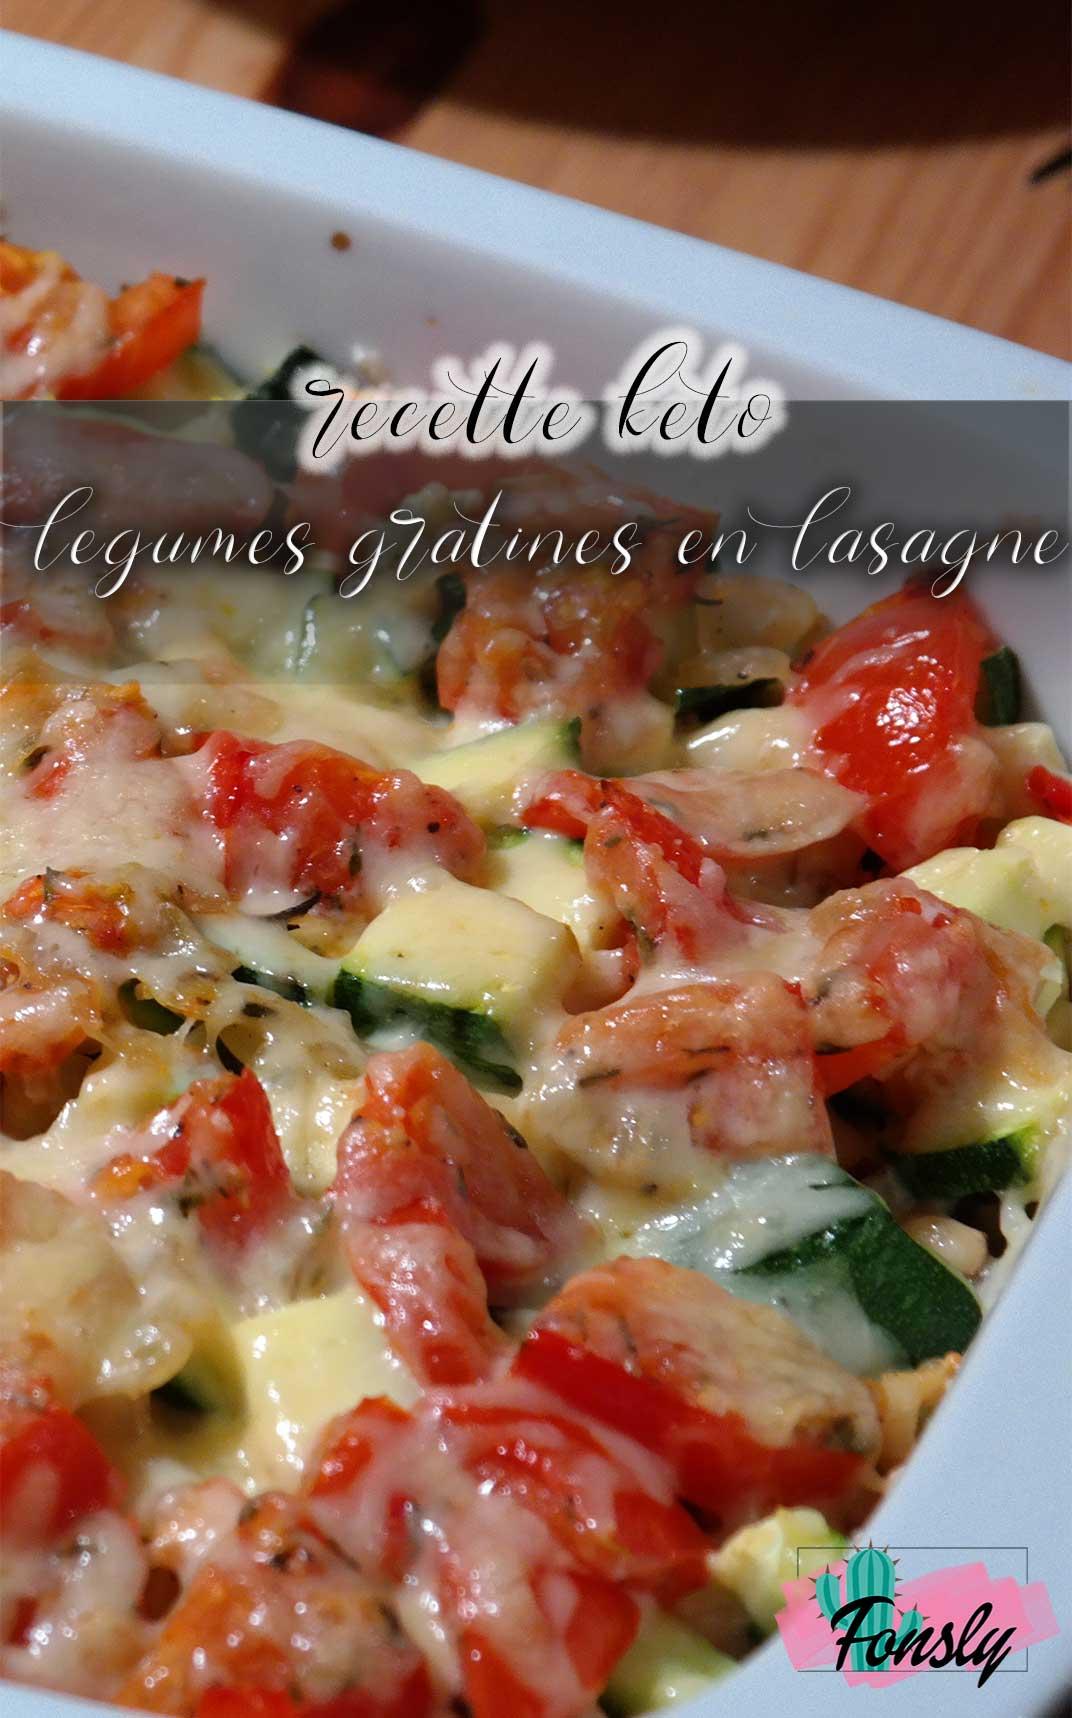 recette lasagne végétarien, recette vege legumes gratinés